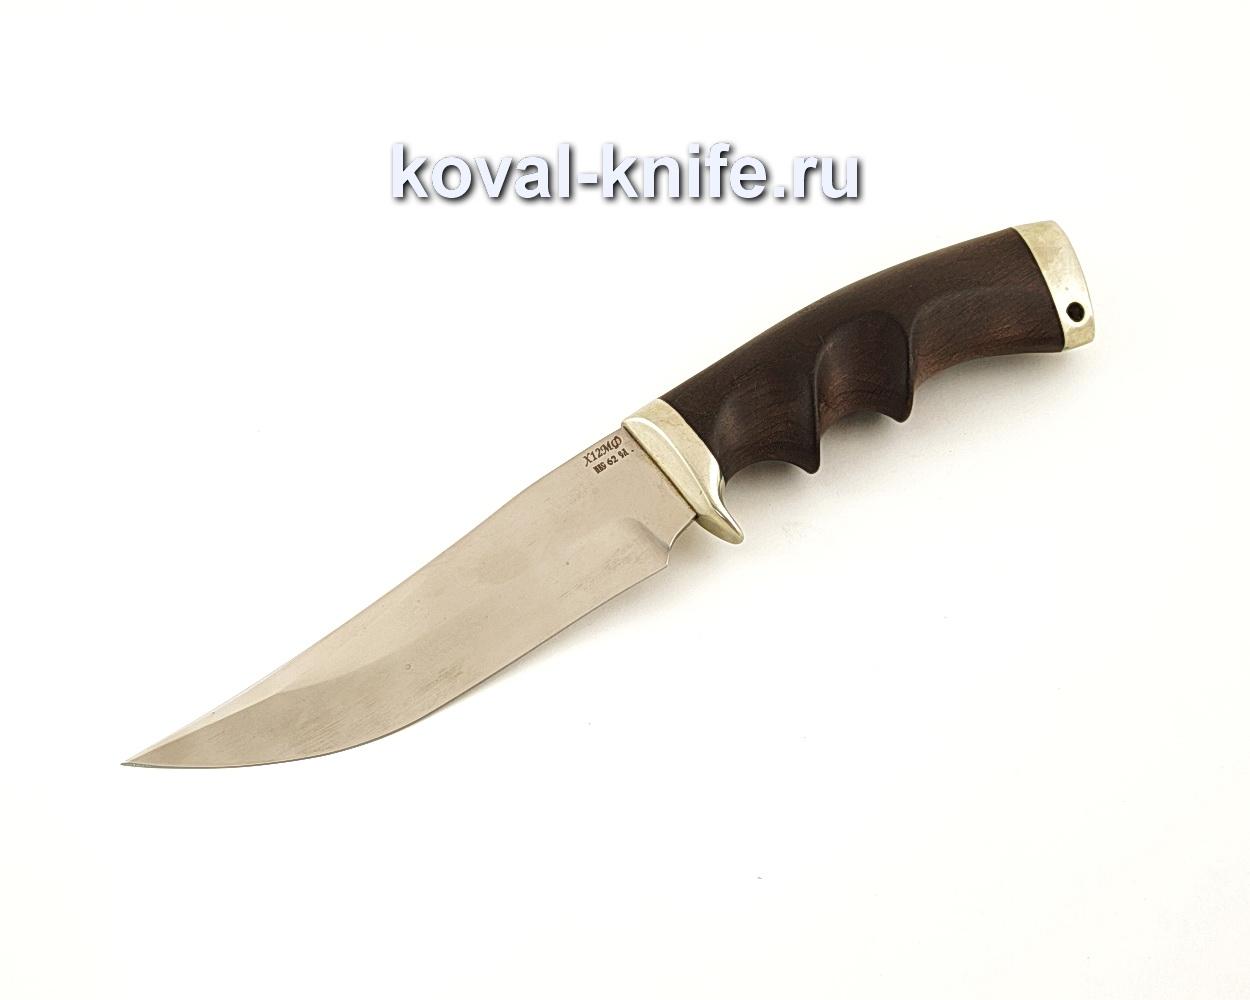 Нож Клыч из кованой стали Х12МФ с рукоятью из граба  A642